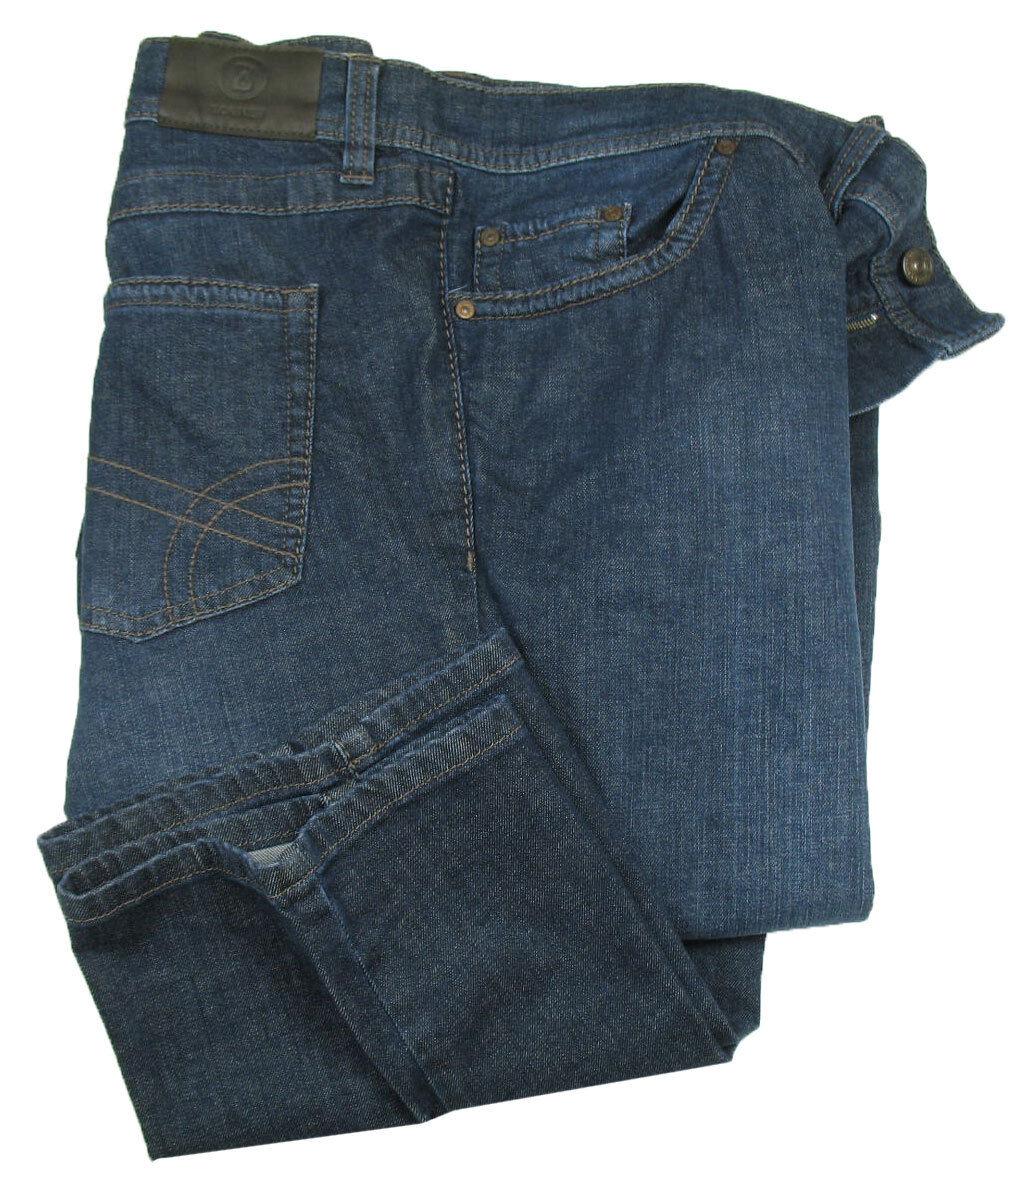 BOGNER Jeans vega-gen (Comfort Fit) DARK blueE TREATED STRETCH